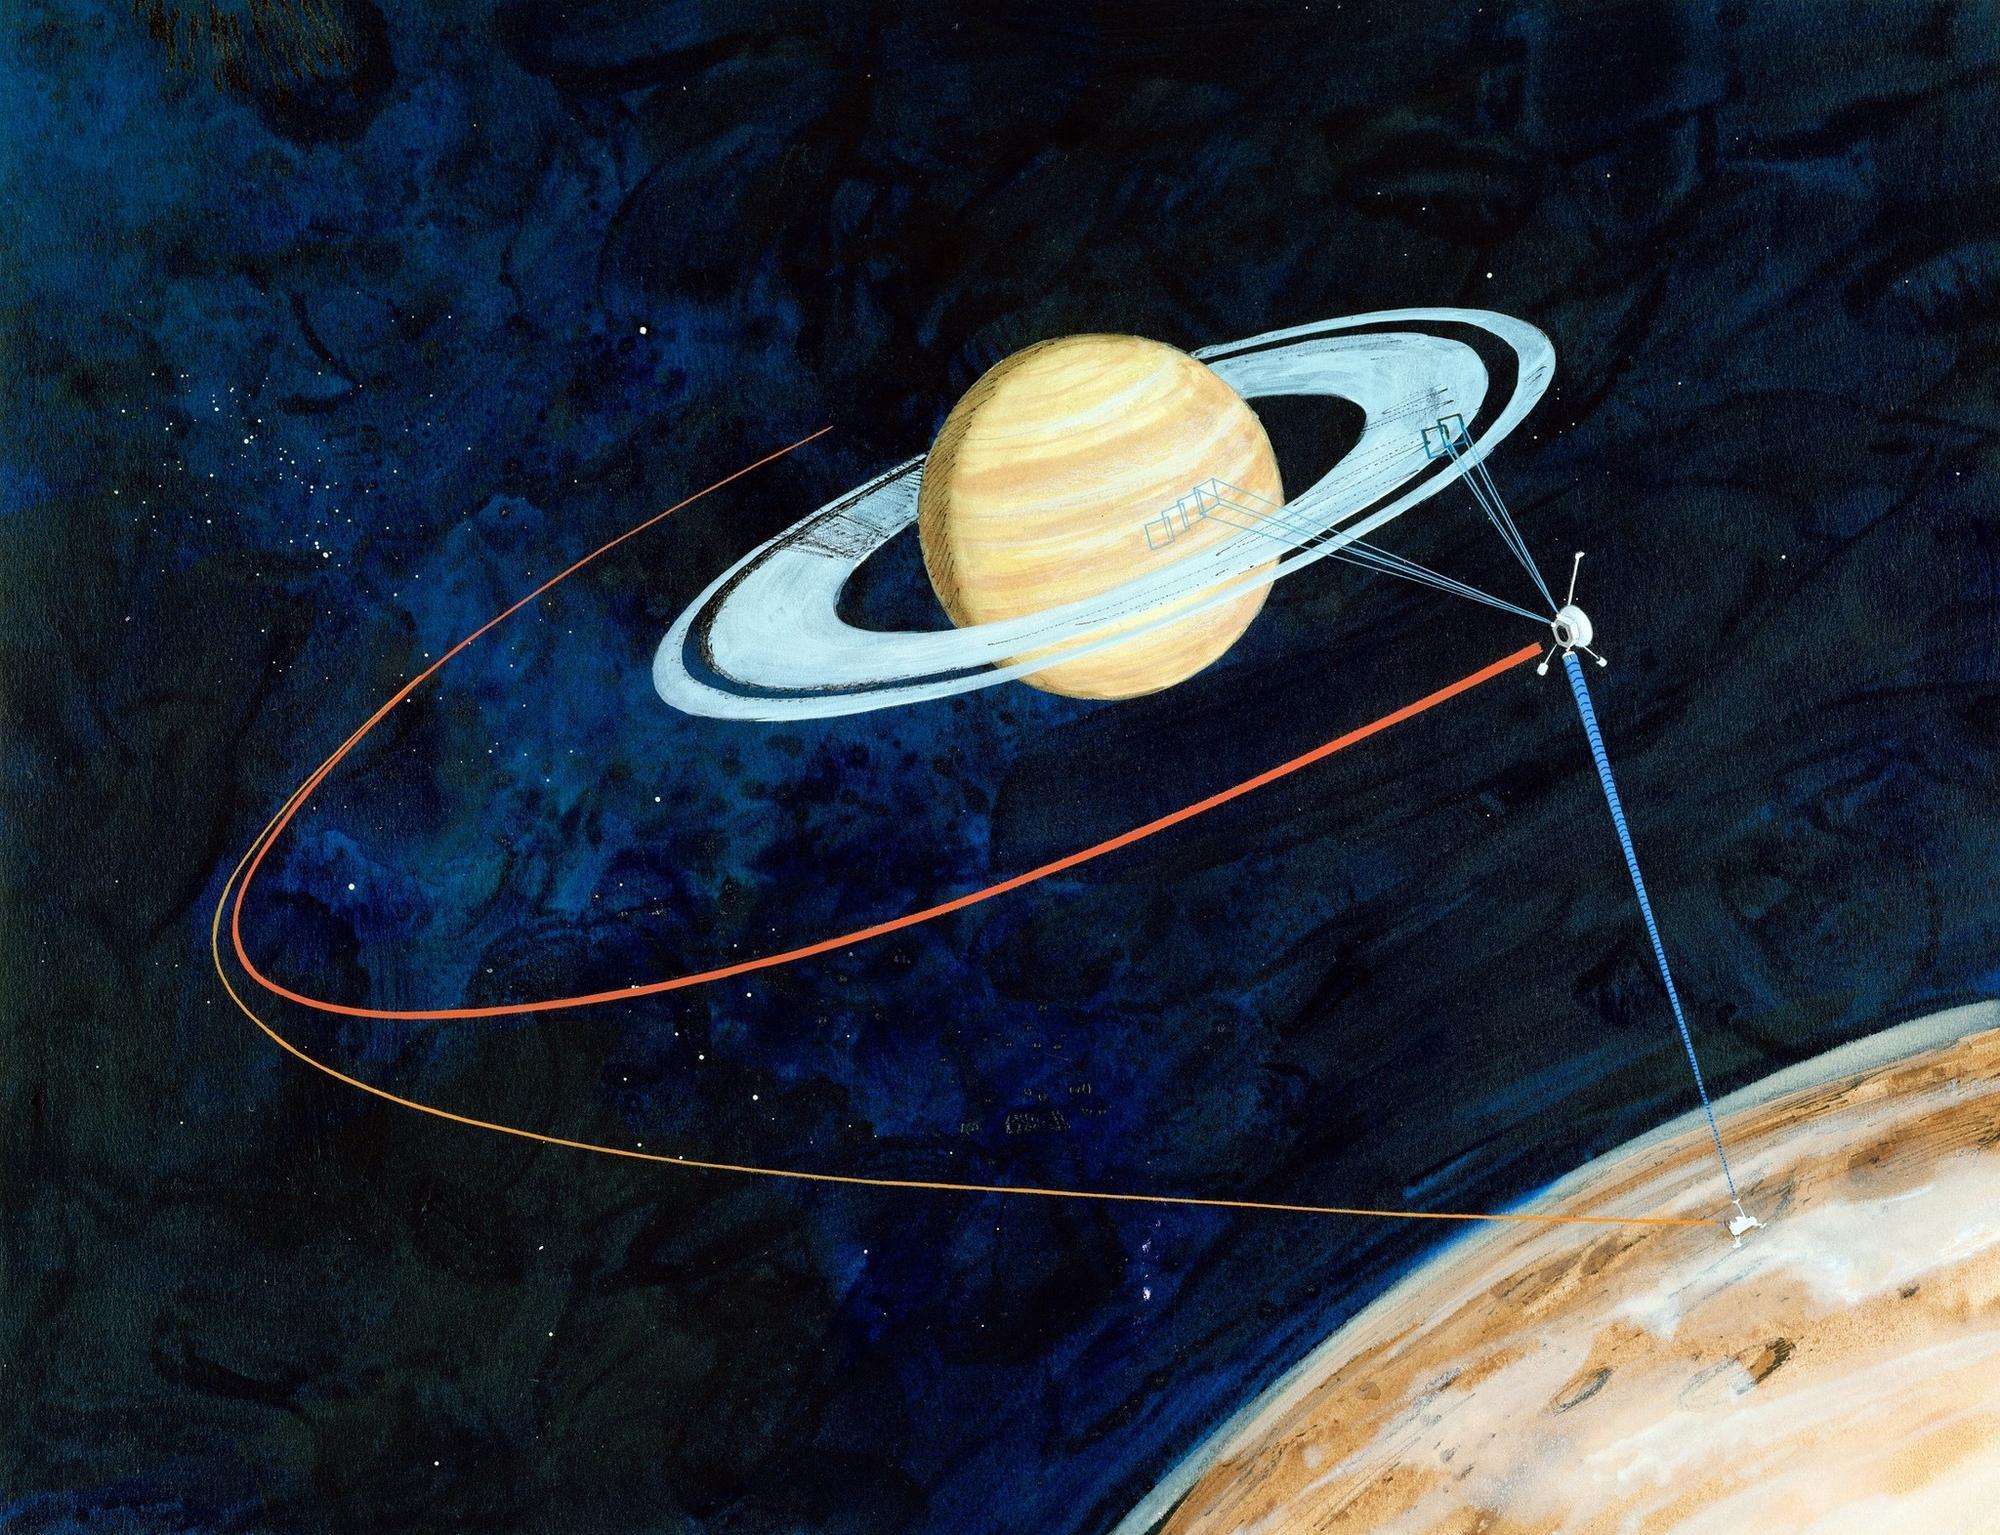 cassini satellite with neptune - photo #38